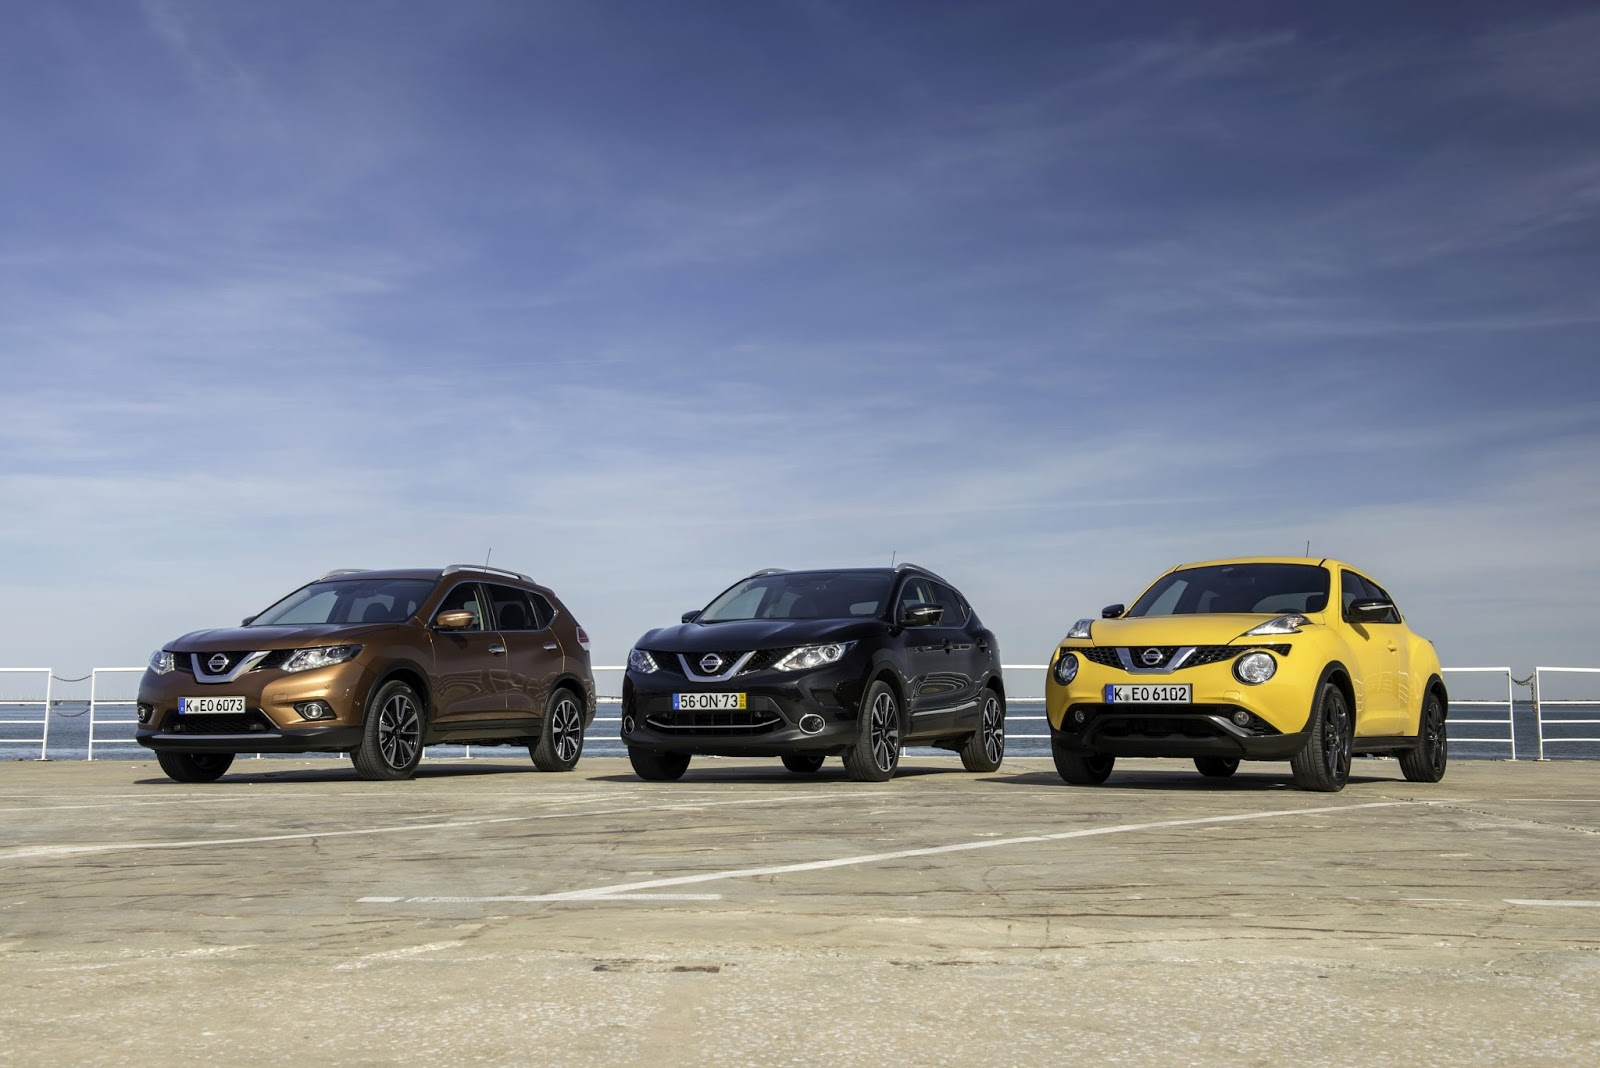 Νέες τιμές για τα μοντέλα της Nissan